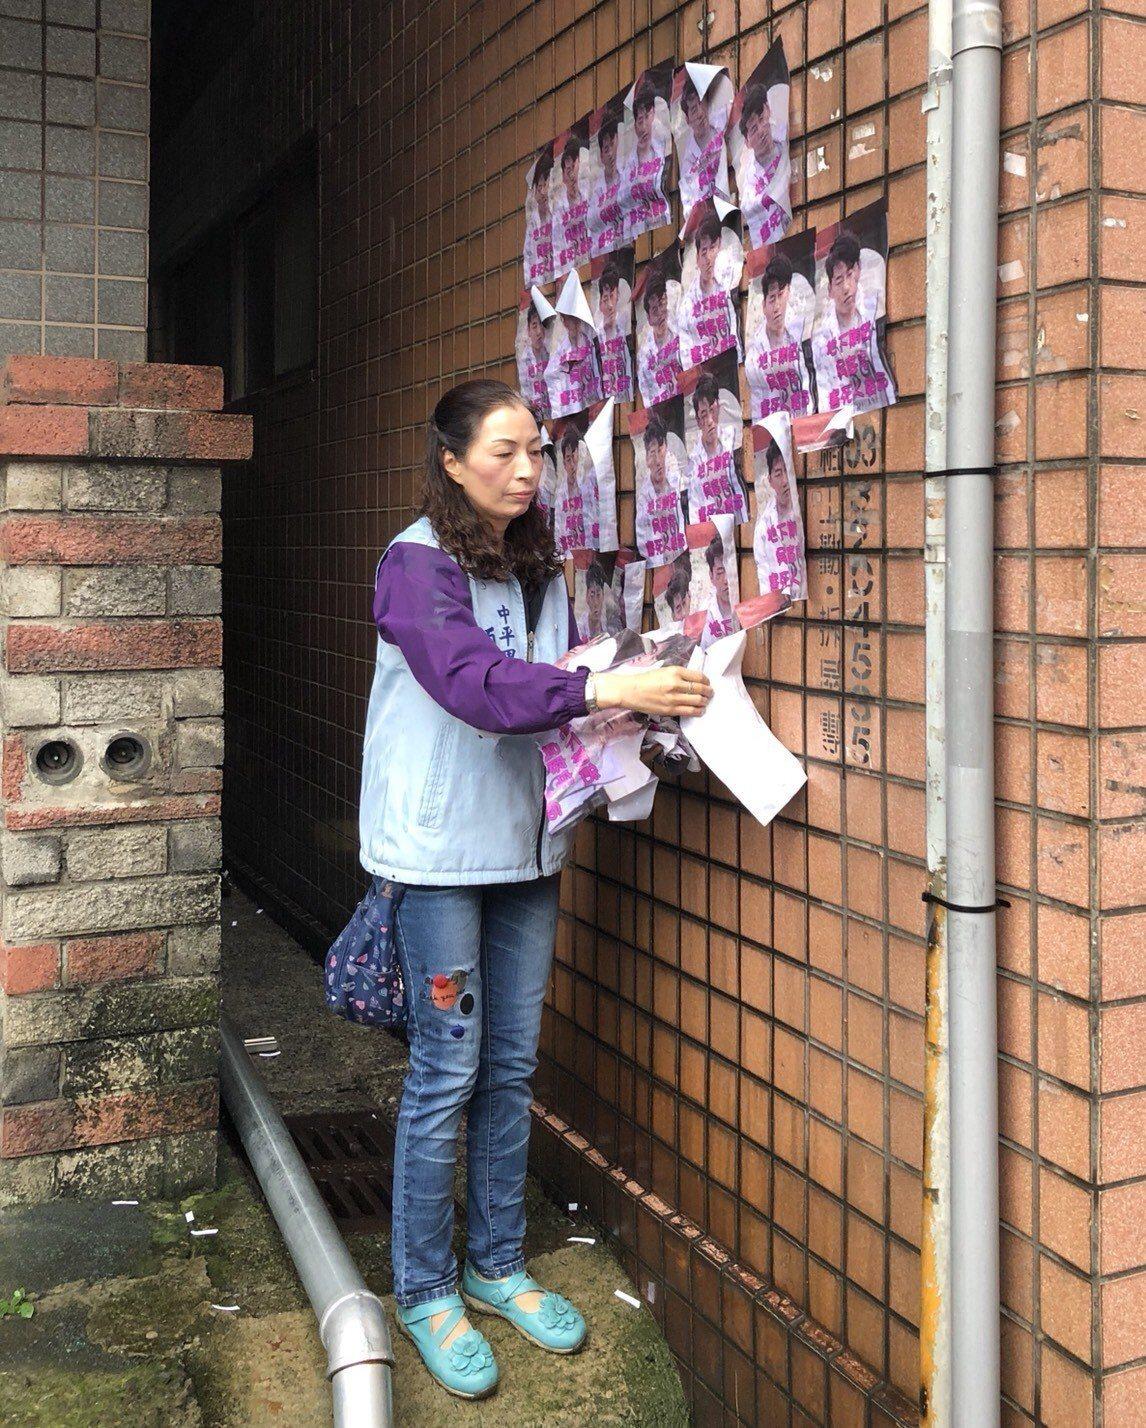 桃園市桃園區宏昌五街、泰昌七街一帶今天被發現貼滿一張張A4大小的討債廣告,社區牆...